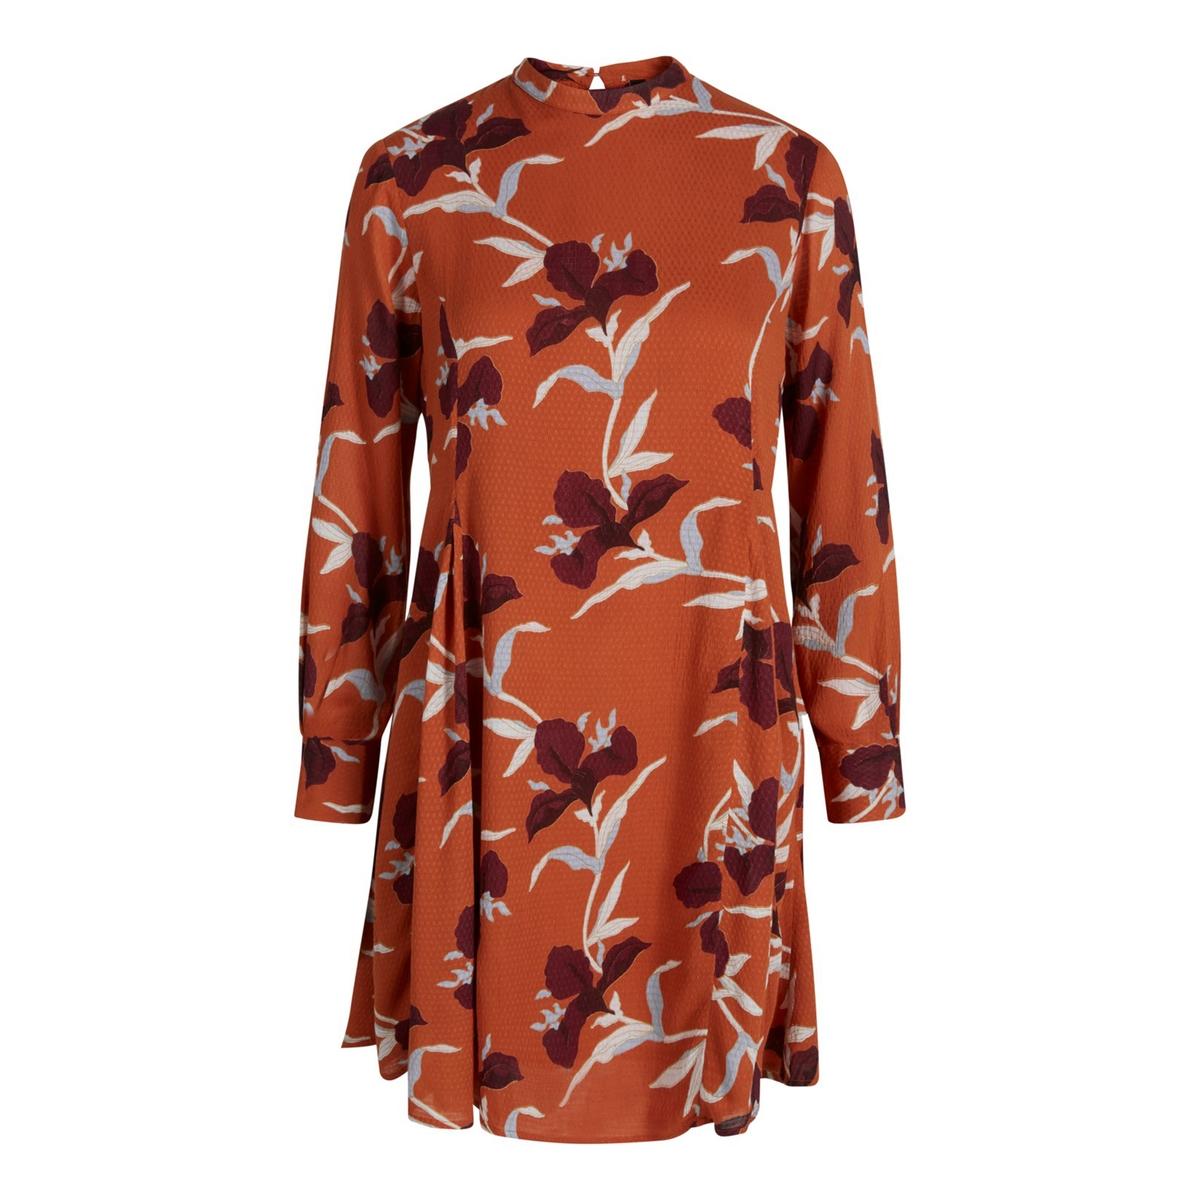 Платье расклешенное с круглым вырезом и цветочным рисунком платье расклешенное с длинными рукавами и круглым вырезом